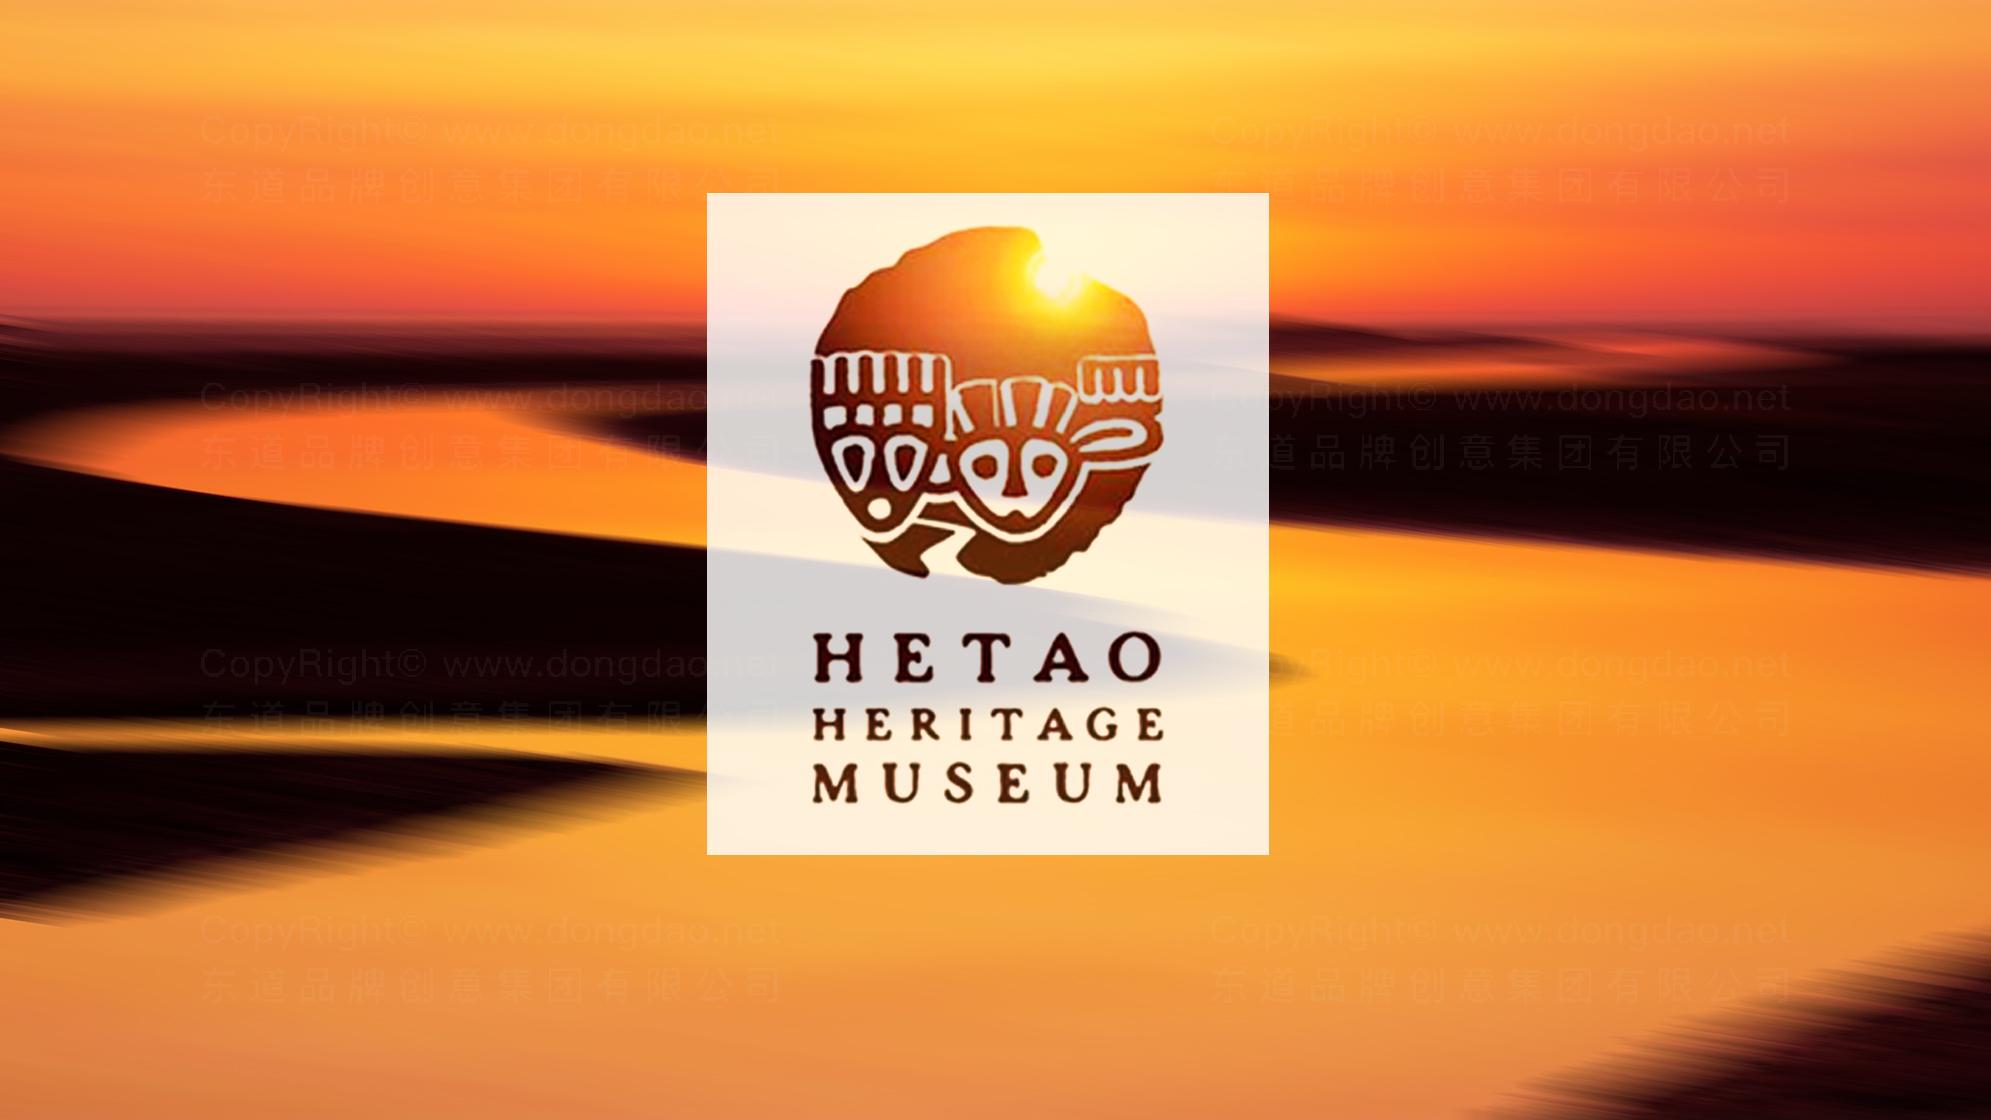 品牌设计案例河套文化博物馆LOGO&VI设计